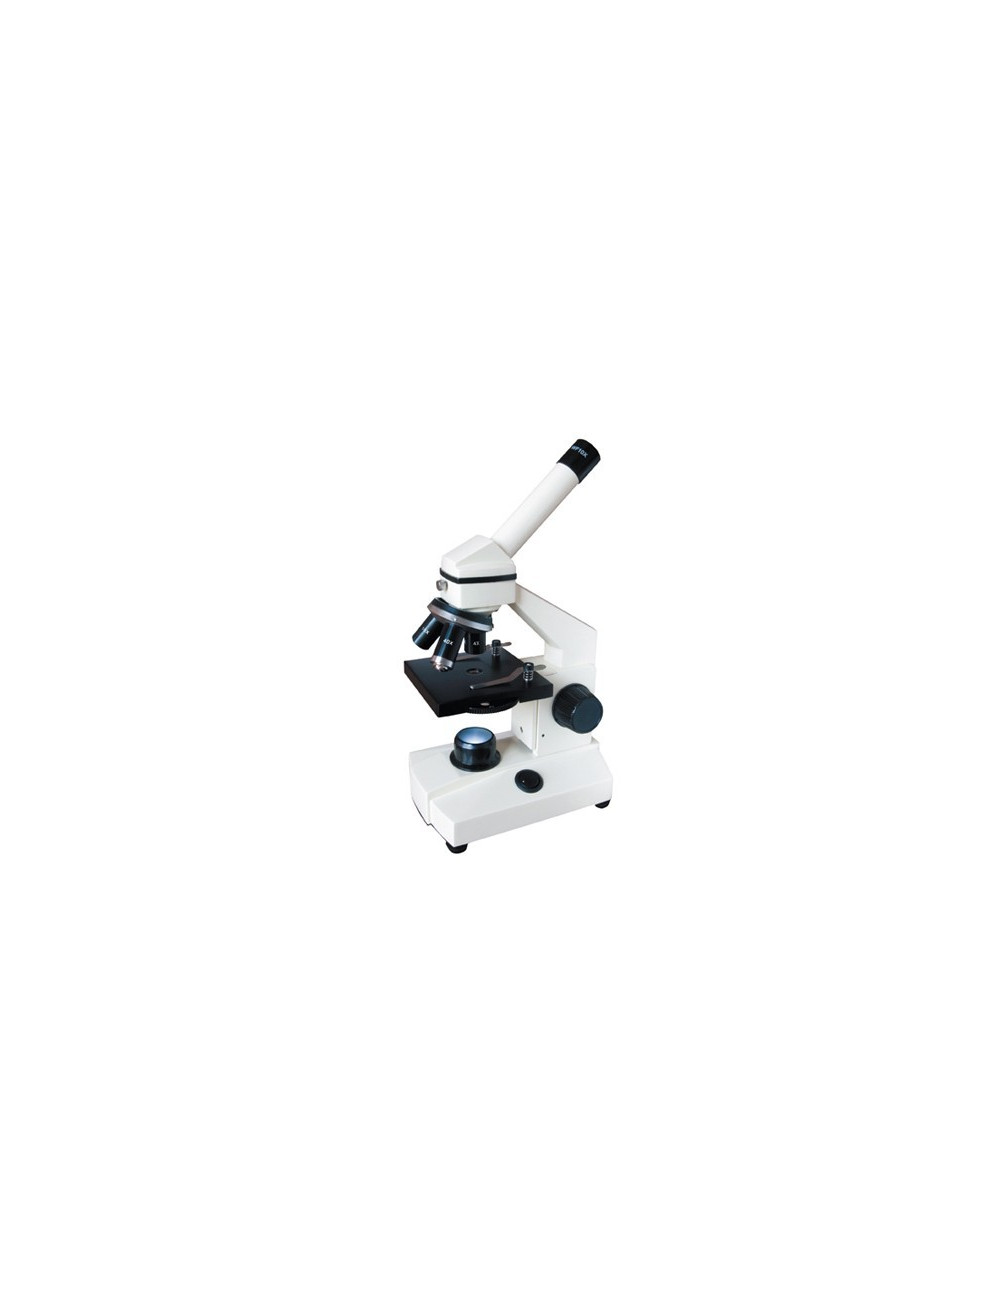 009 - Microscope FUZION